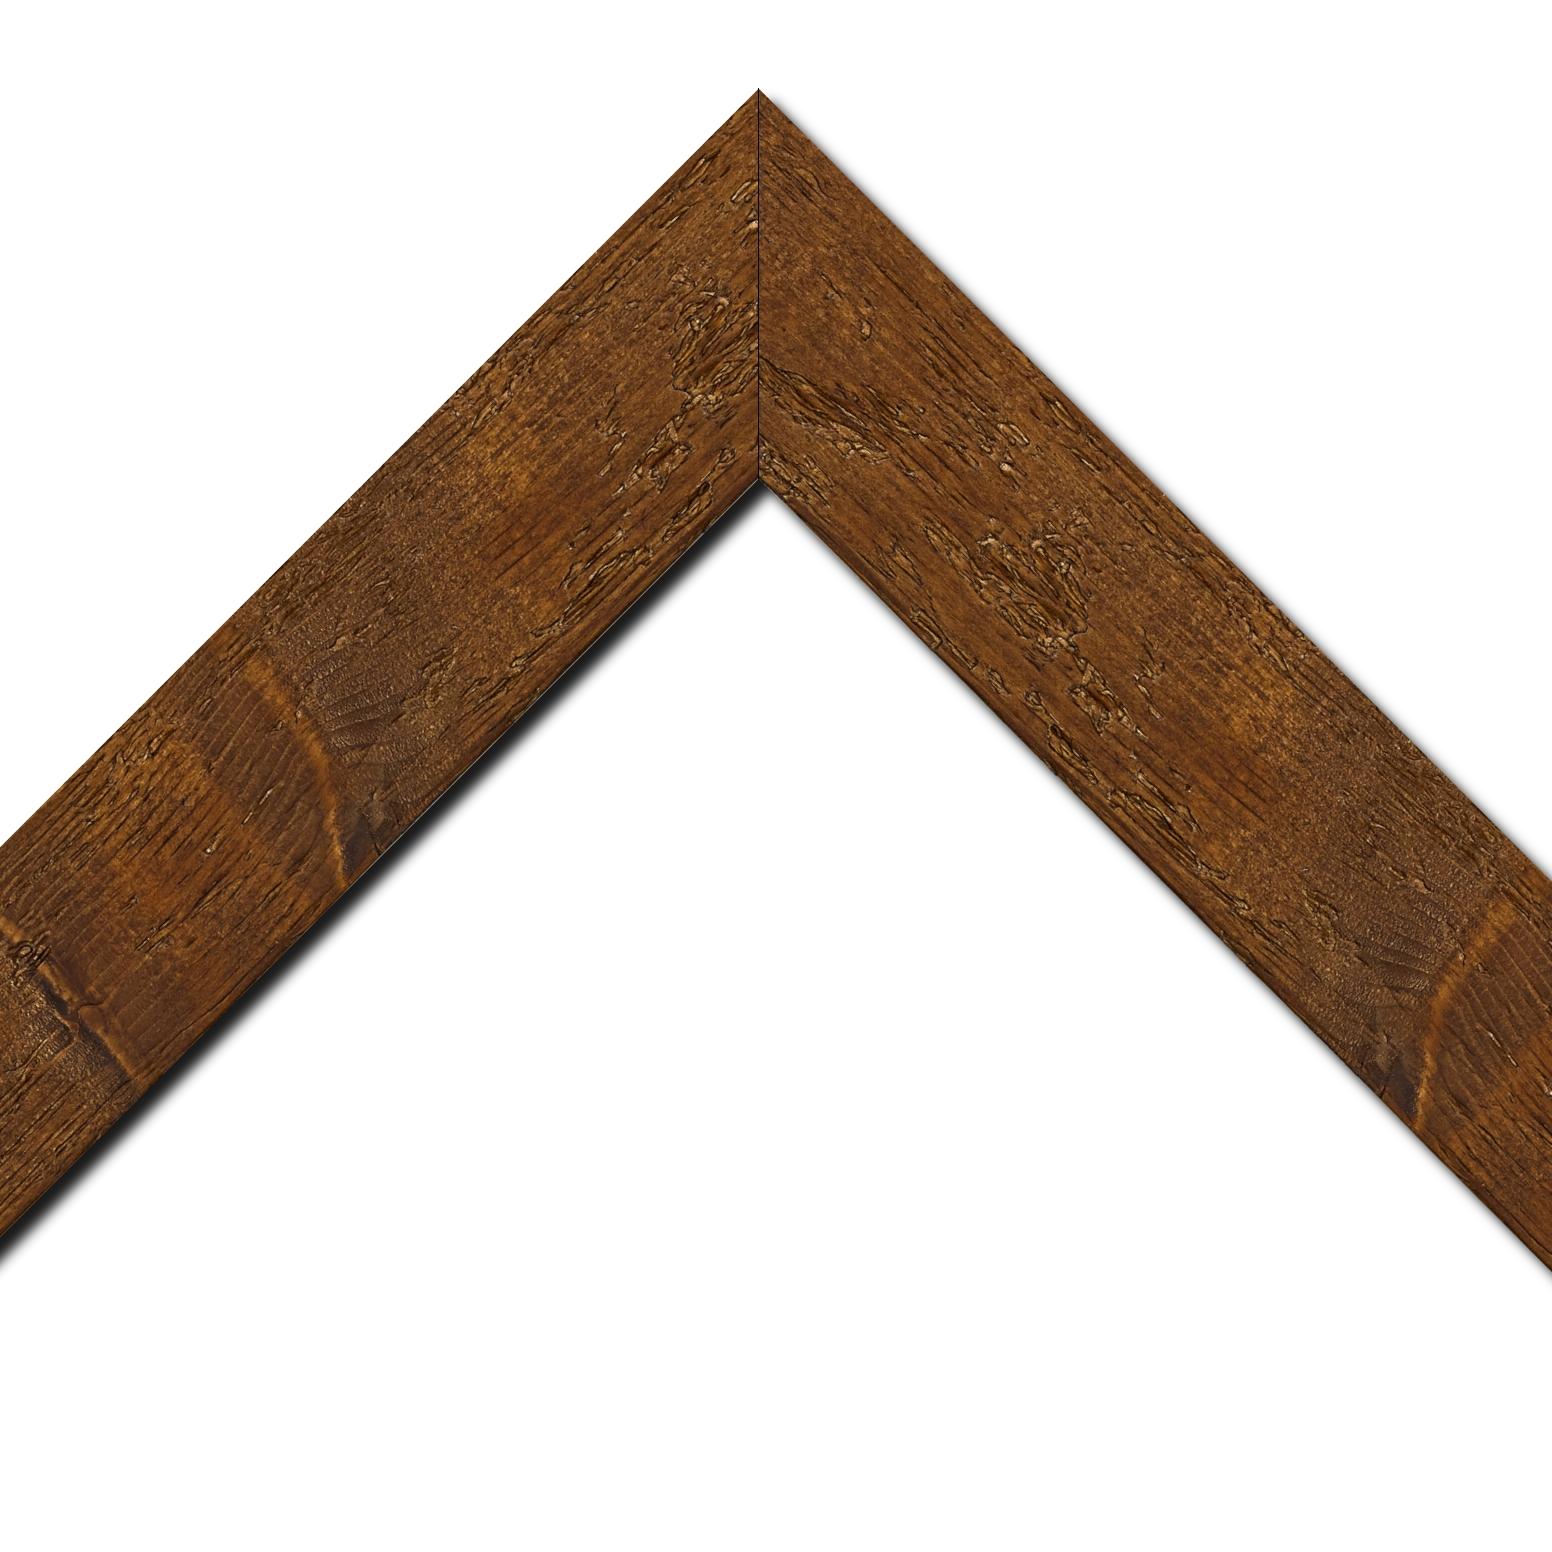 Baguette bois profil plat largeur 6.7cm couleur marron foncé finition aspect vieilli antique